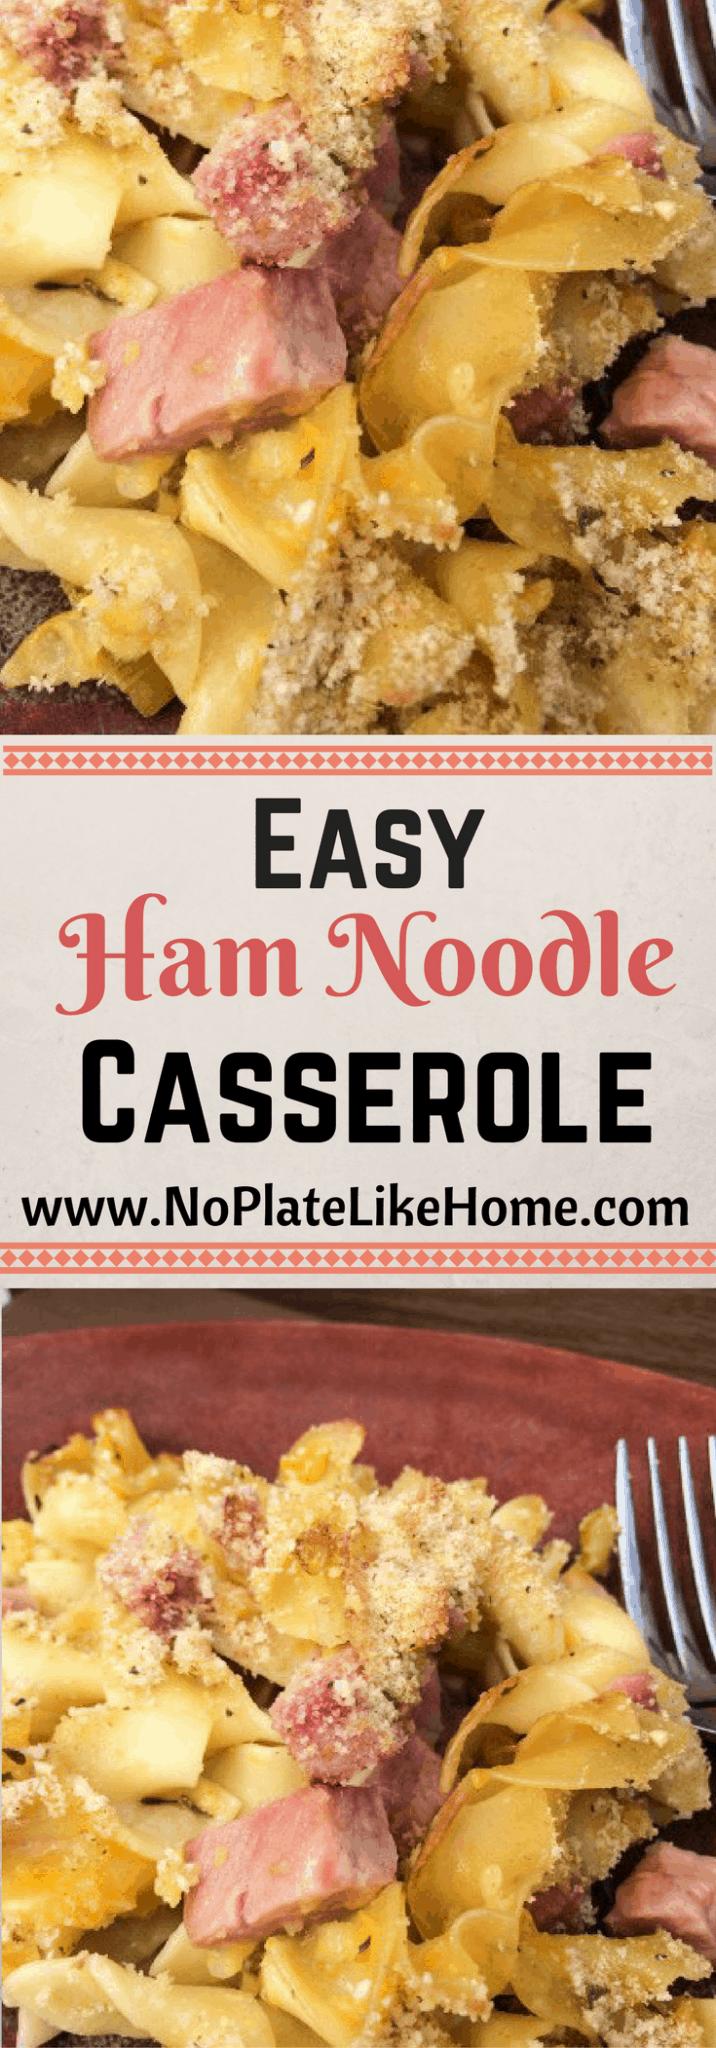 leftover ham recipes pasta